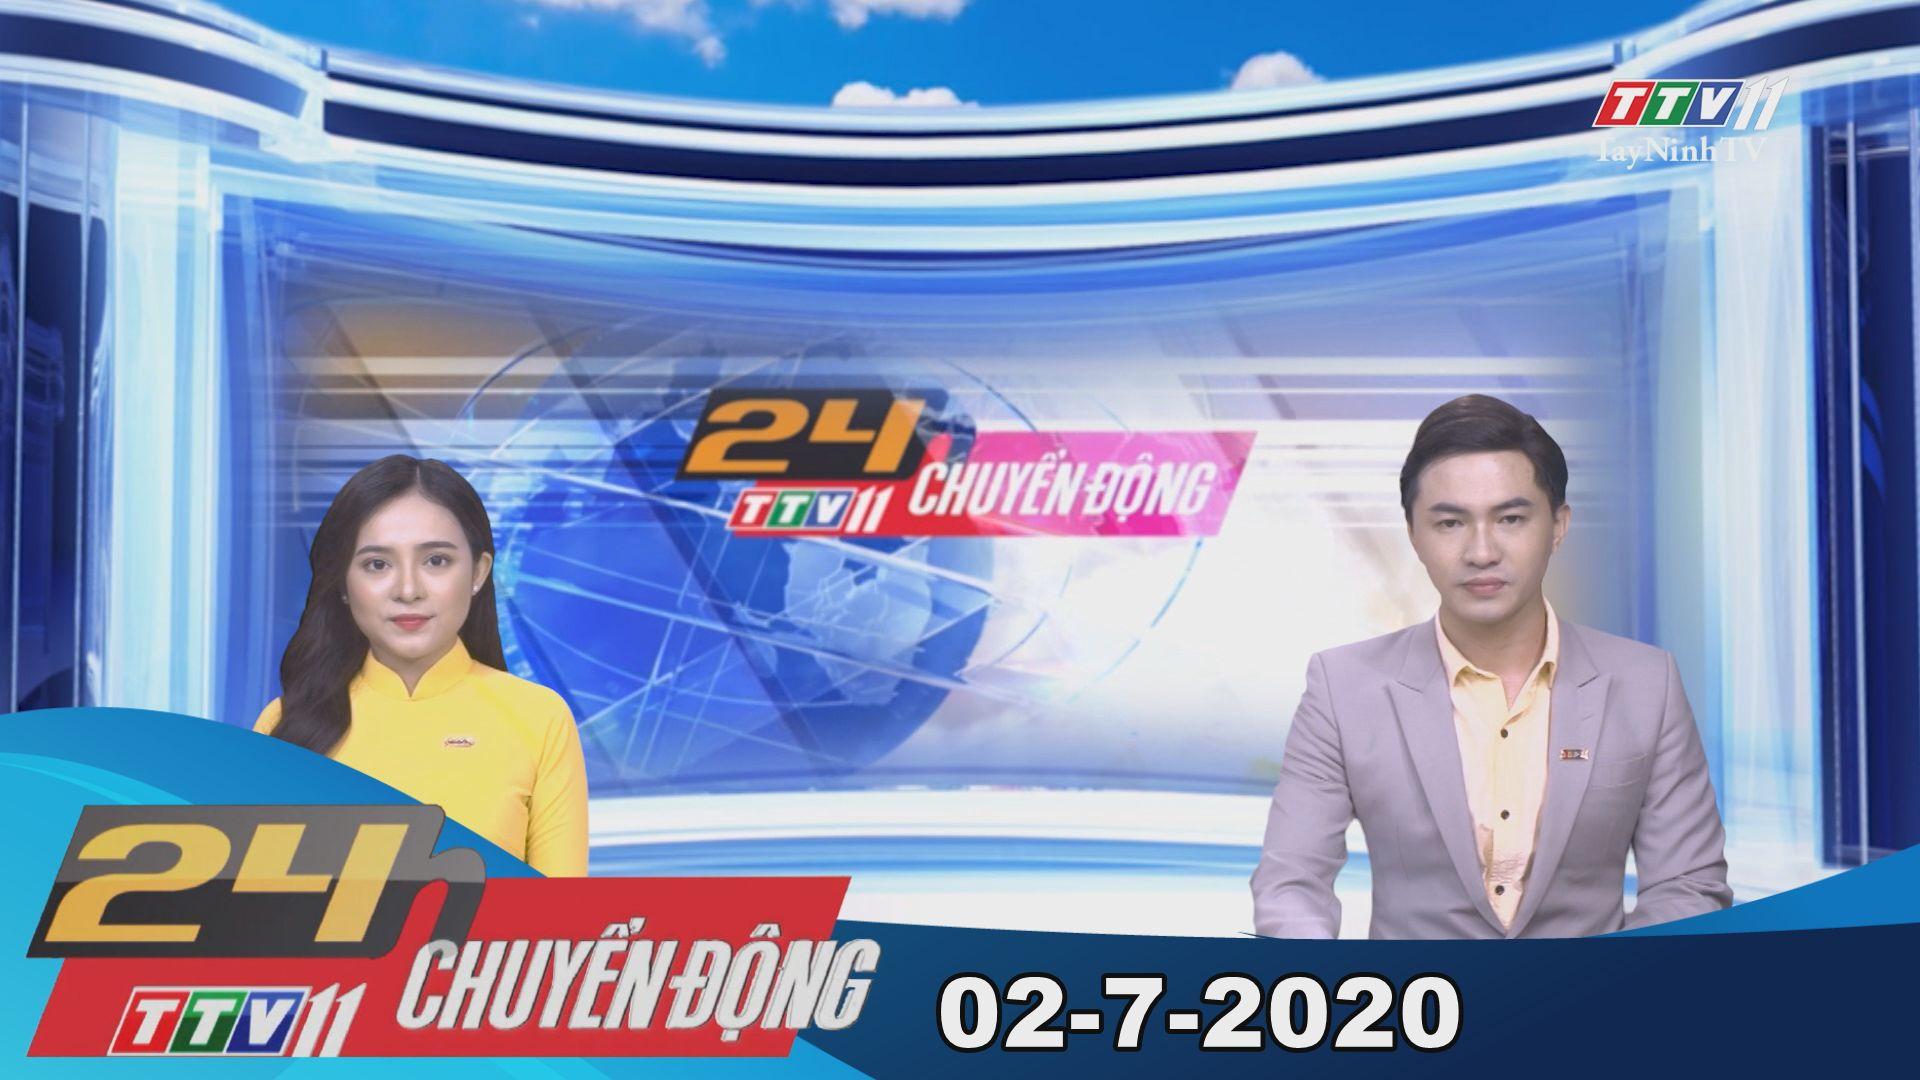 24h Chuyển động 02-7-2020 | Tin tức hôm nay | TayNinhTV